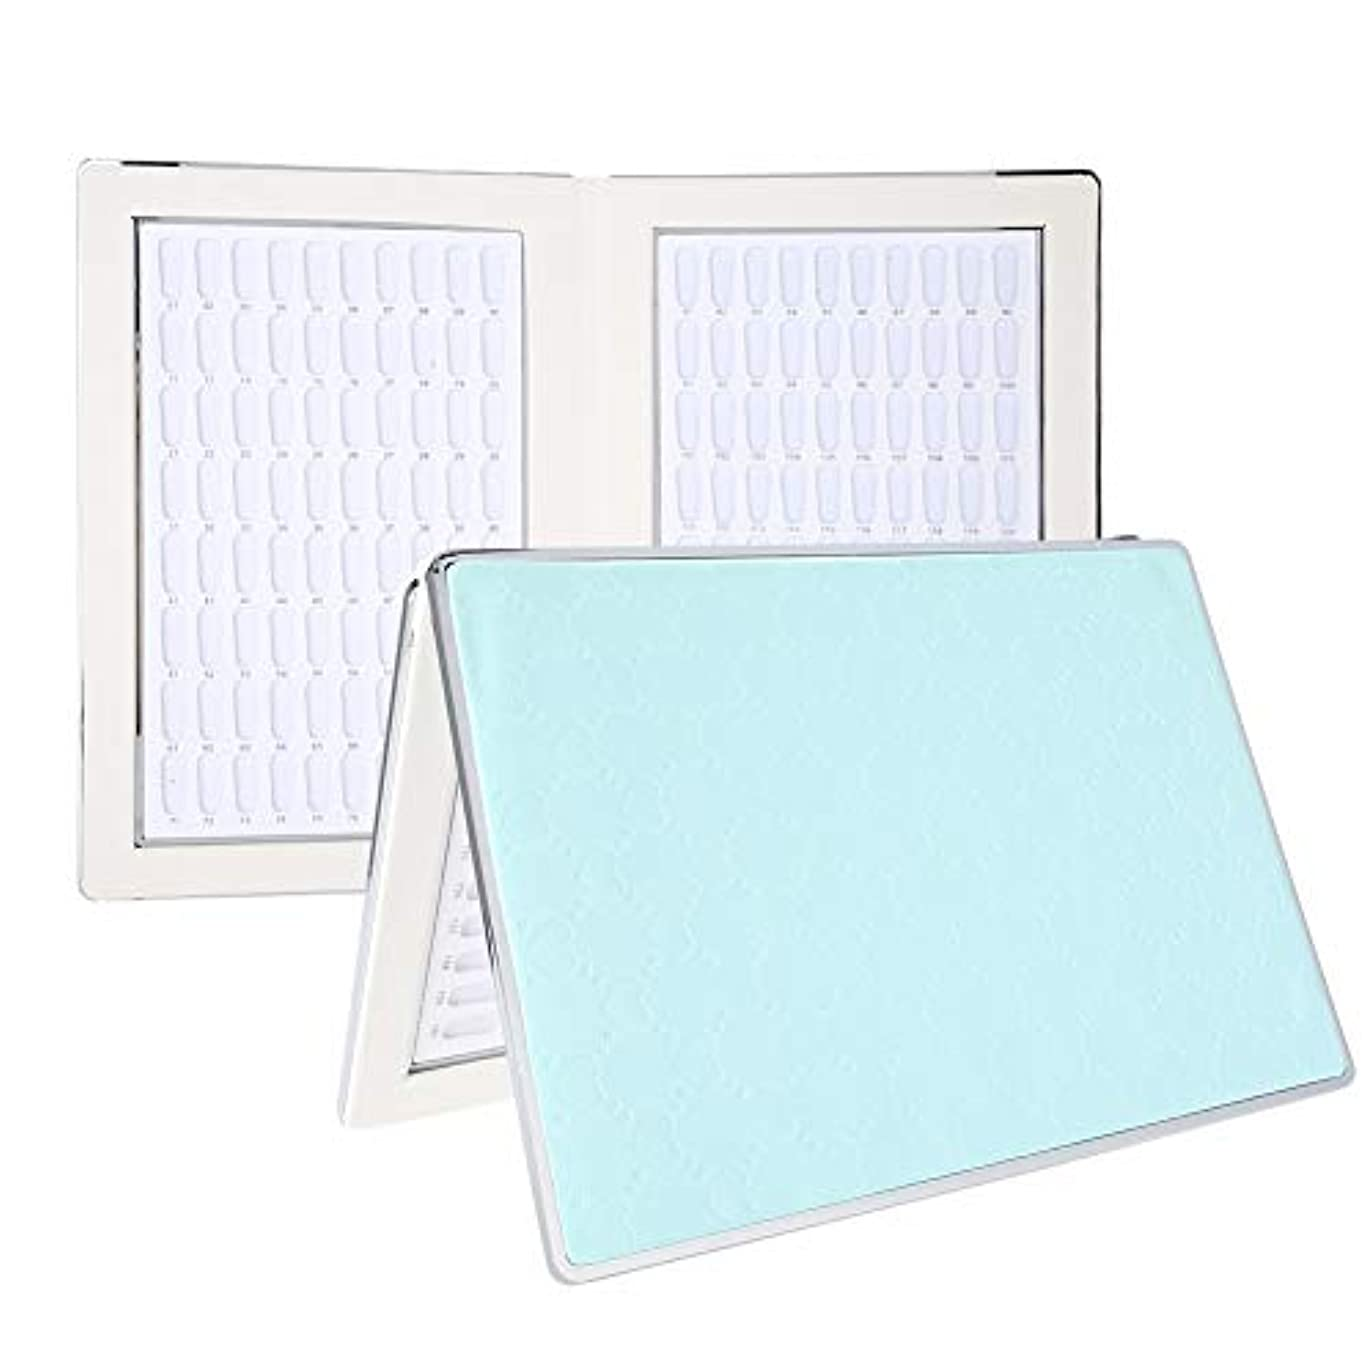 ヒロイック放棄する放出ネイルアートディスプレイ 160 ディスプレイスタンド アクセサリー プラスチック板 ネイルポリッシュカラー ディスプレイ サロン (2)